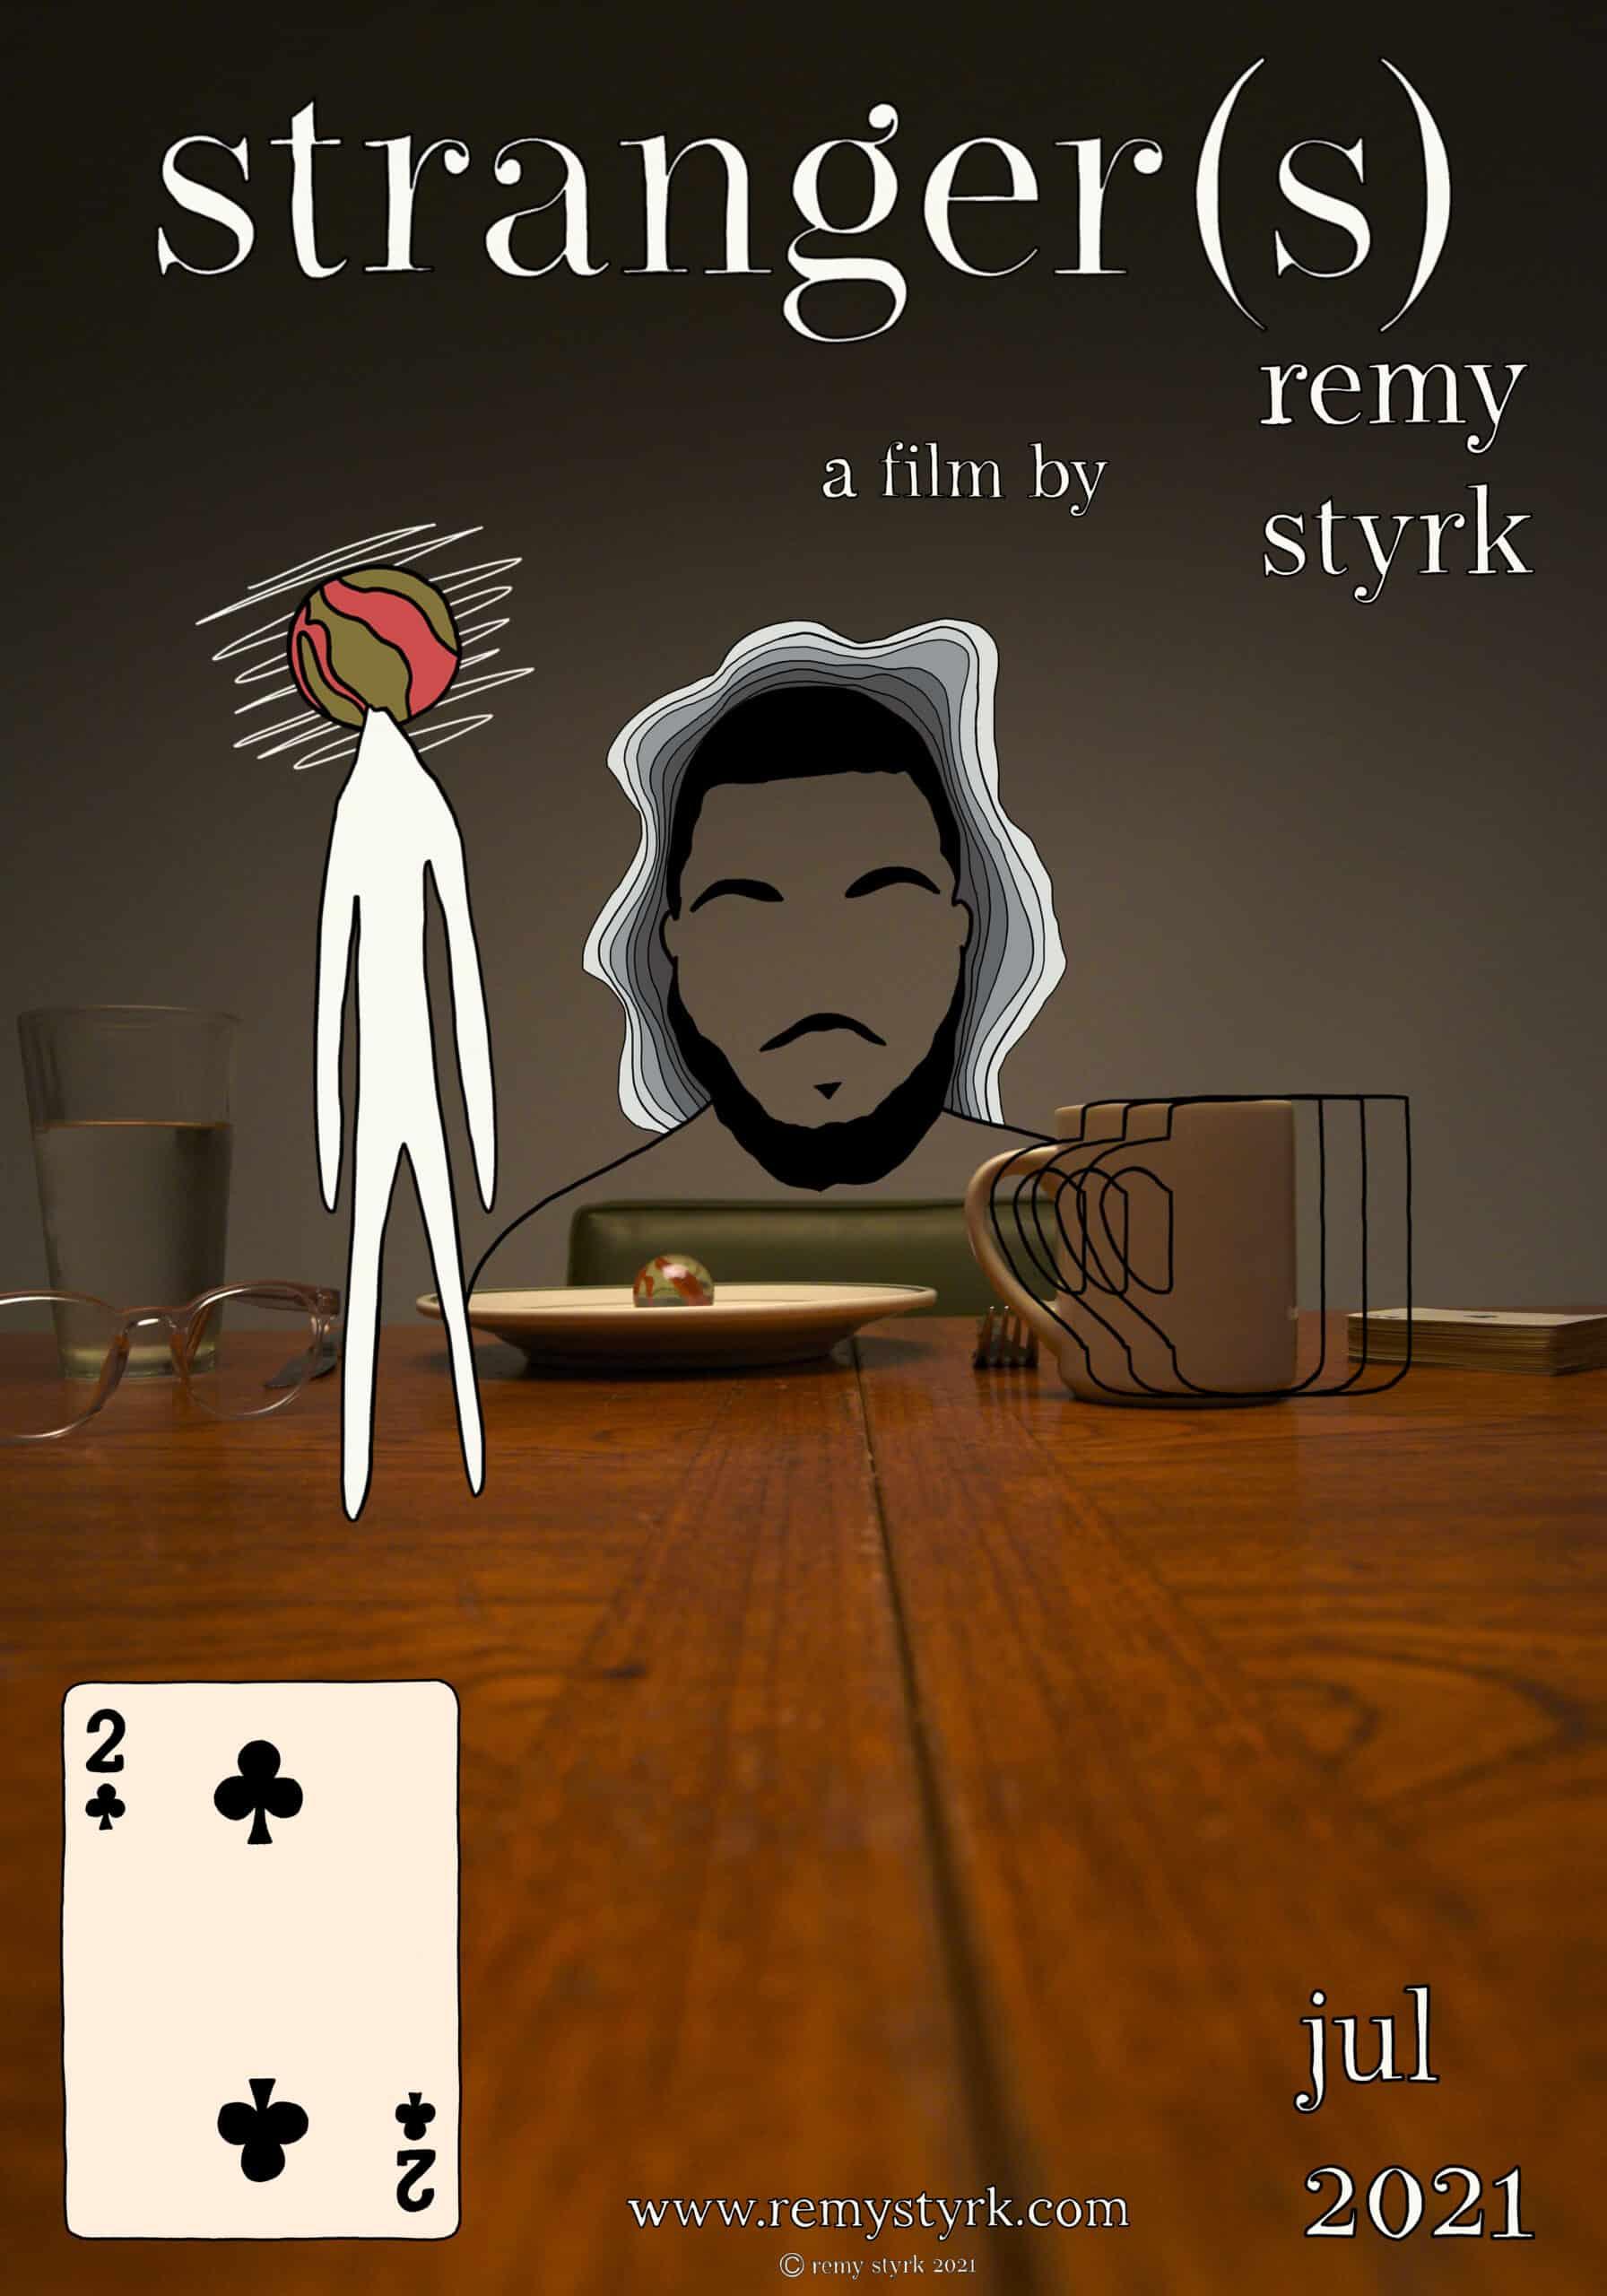 stranger(s) movie poster